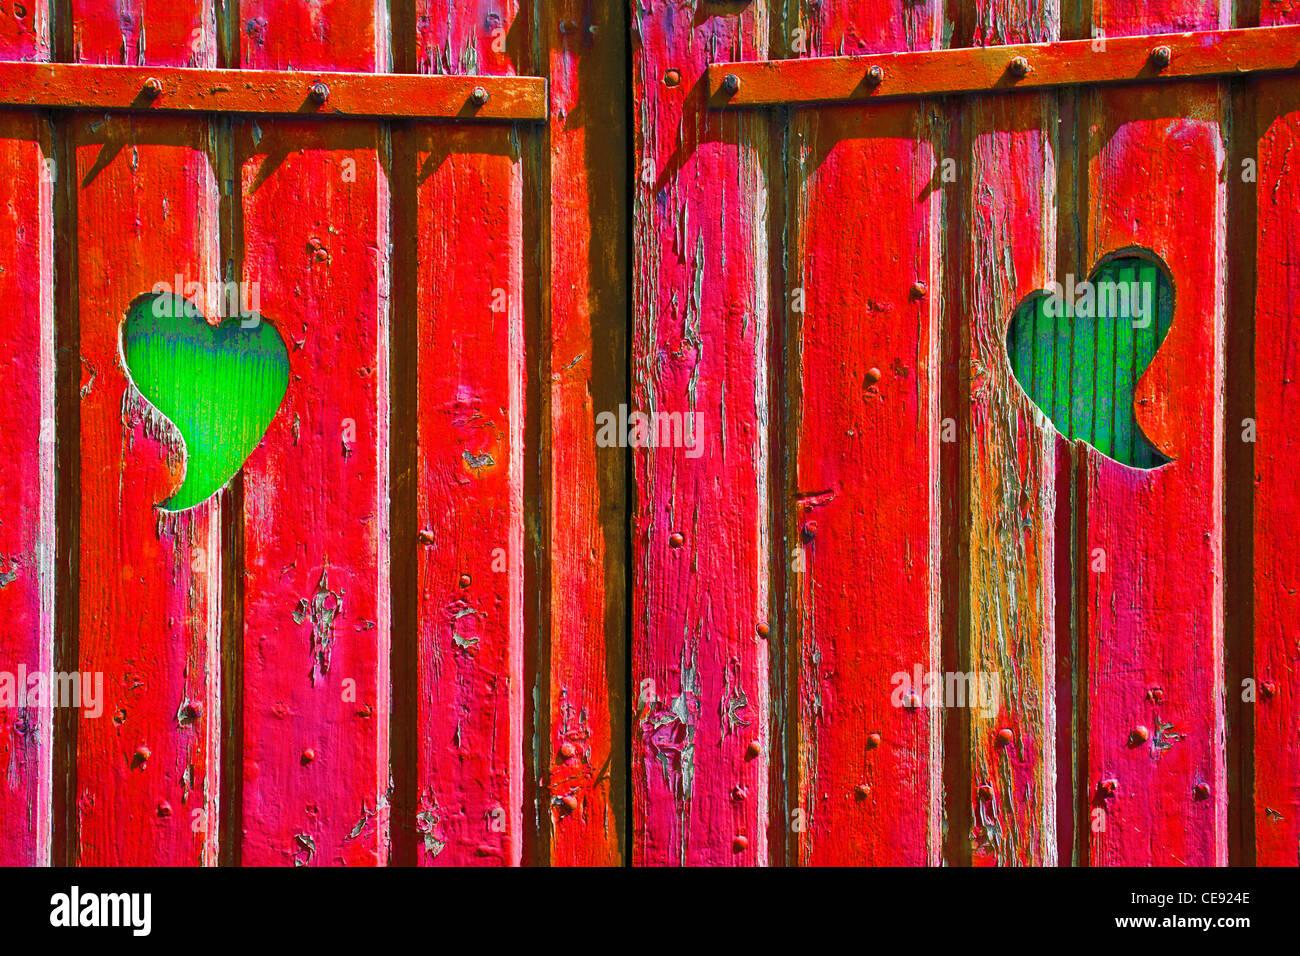 Deux formes de coeur coupé en une porte en bois rouge révélant le bois vert derrière, symbolique Photo Stock